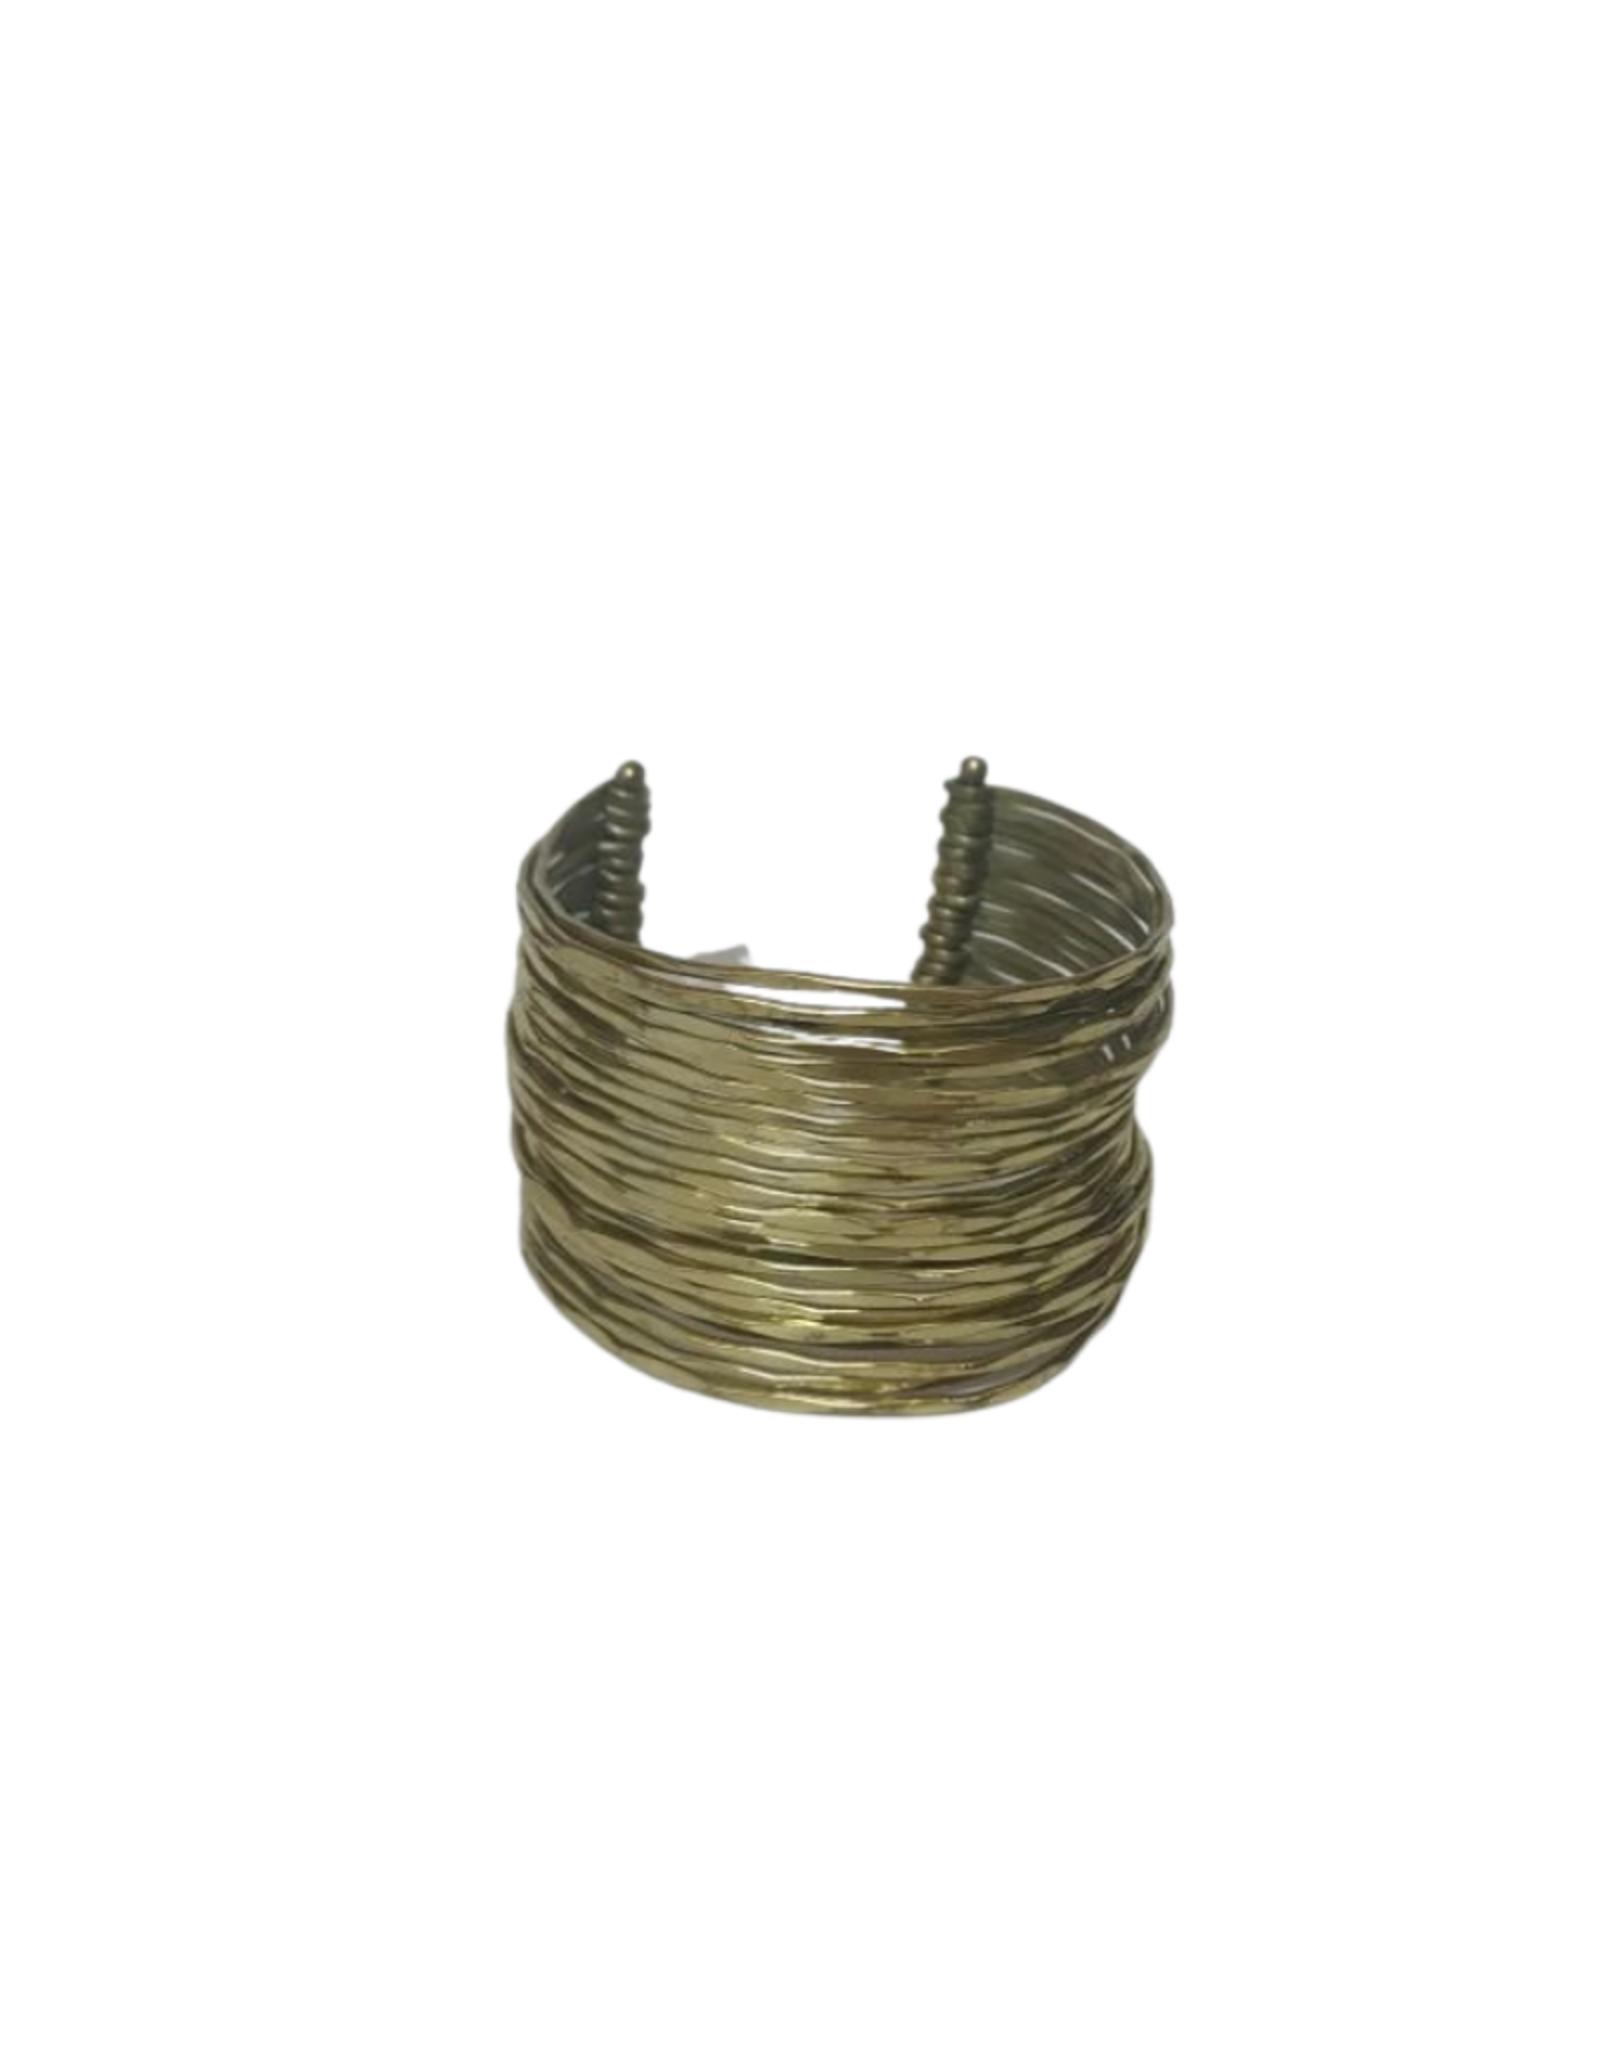 Fine Wires Brass Cuff